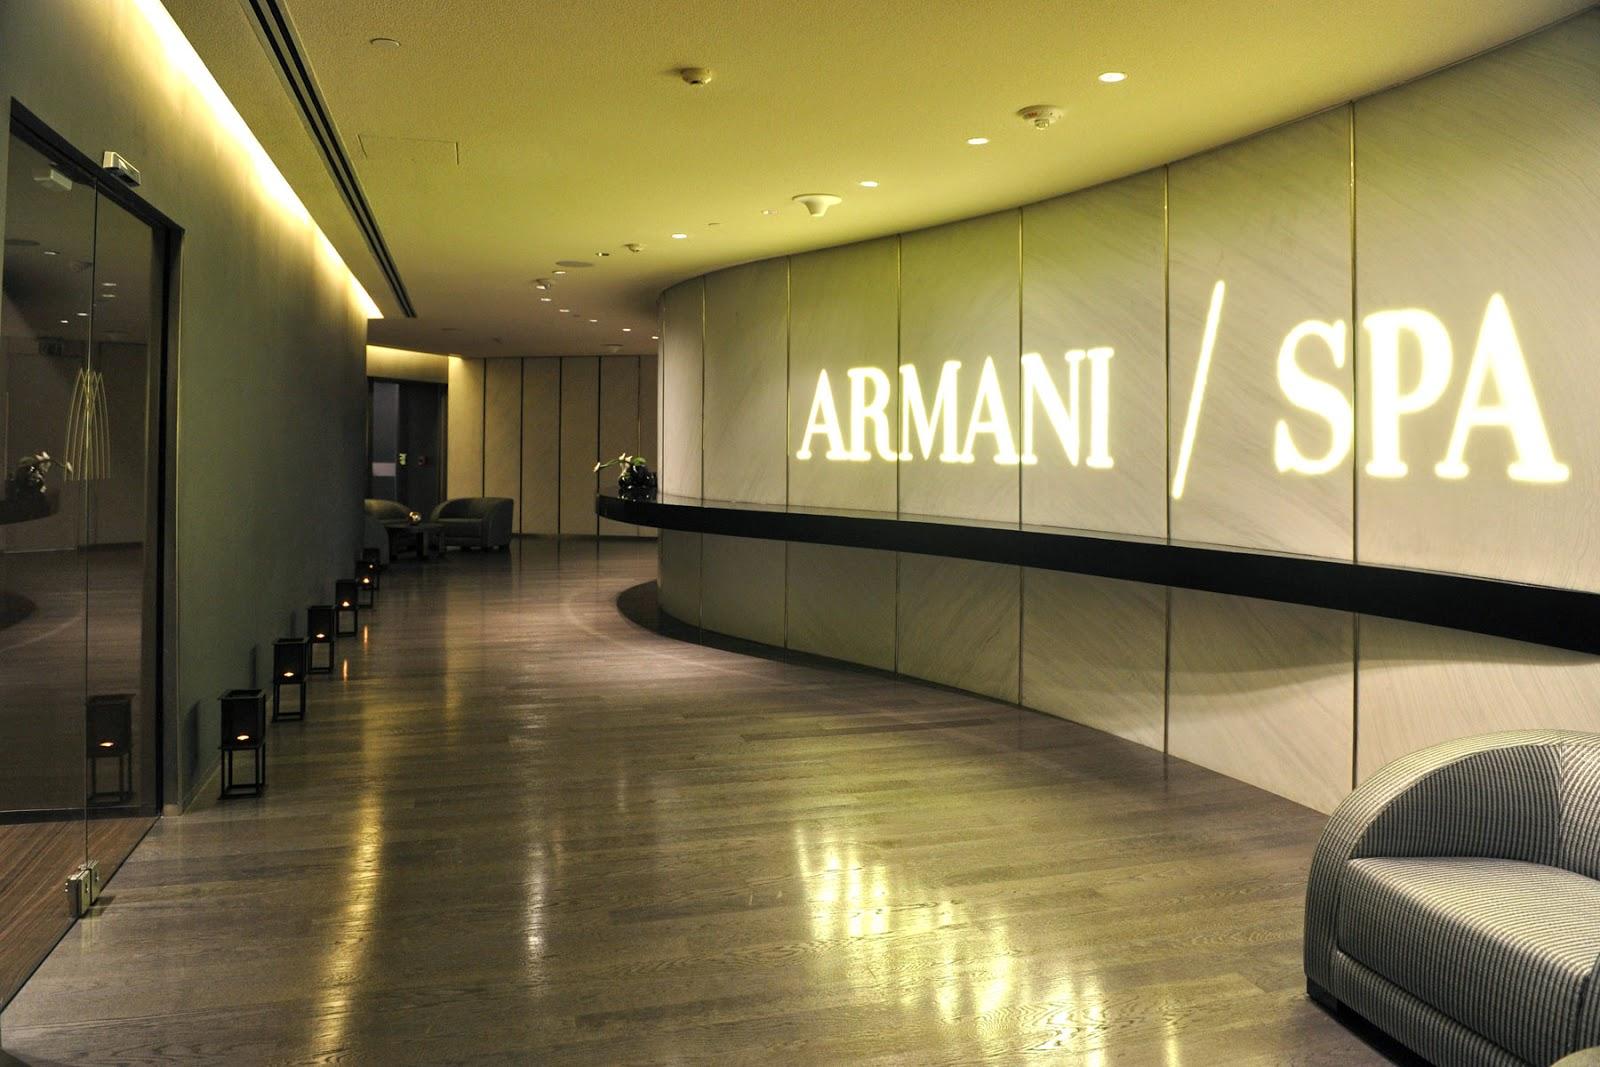 Baño Portatil Japones:LA GUARIDA DE BAM: Hoteles Armani